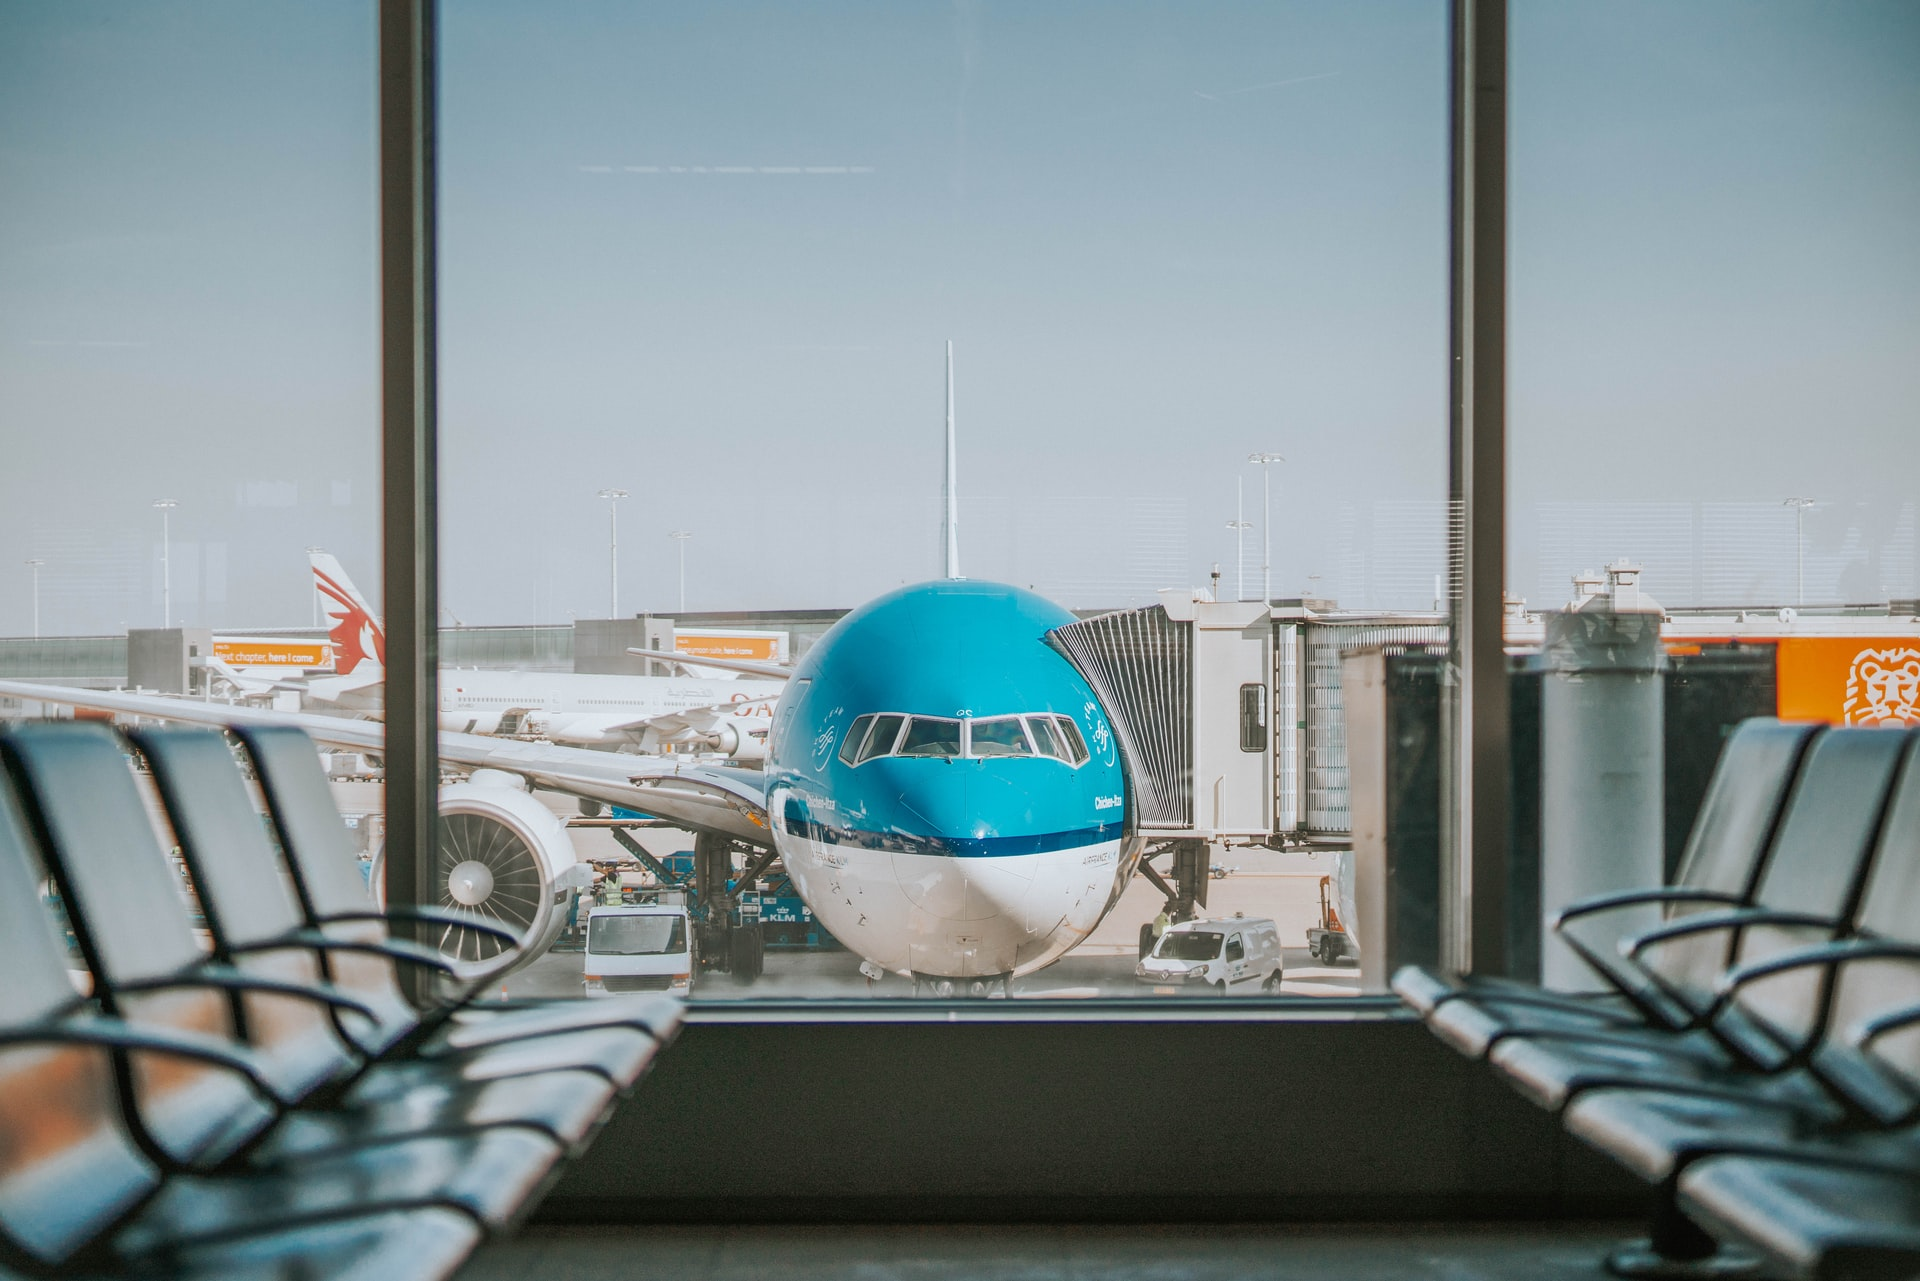 Amadeus integra el pasaporte digital de salud respaldado por blockchain de IBM para facilitar los viajes a pasajeros y aerolíneas